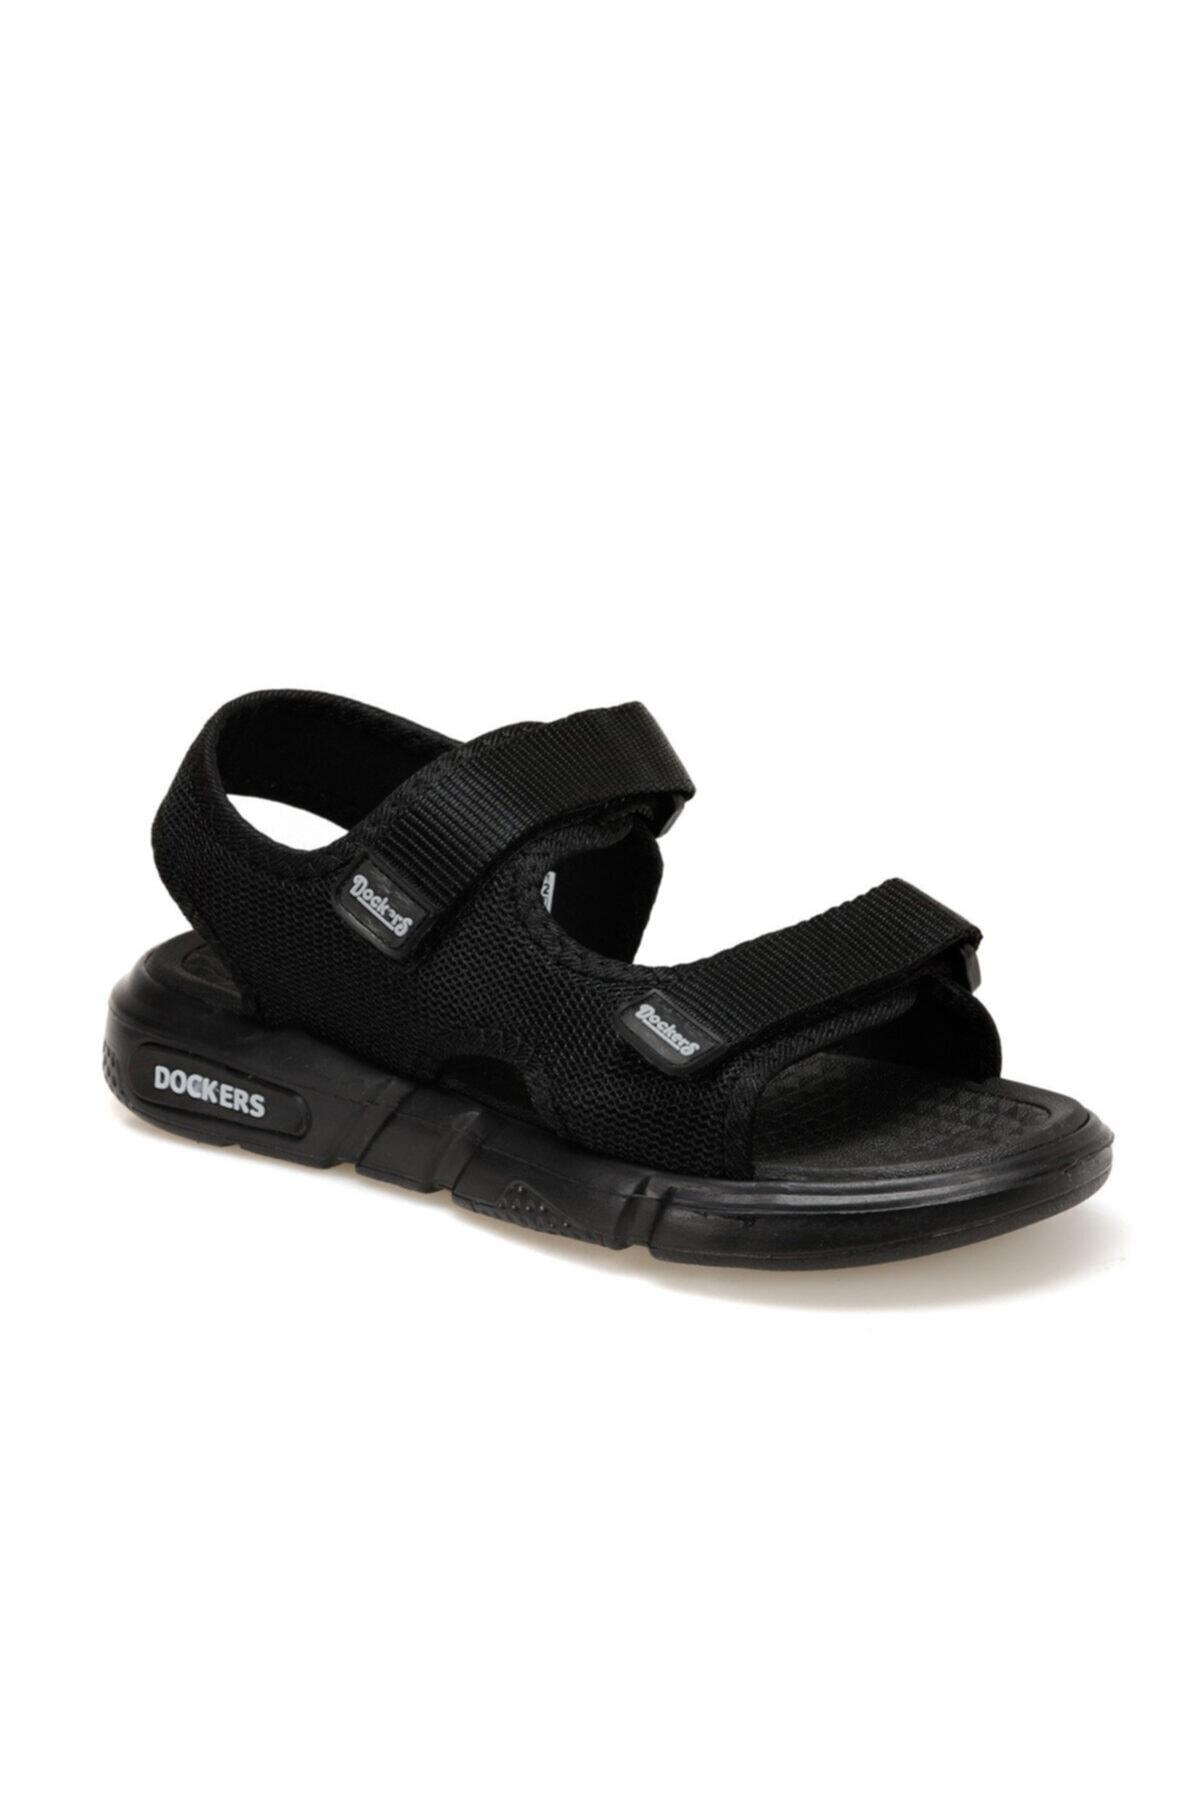 Dockers By Gerli 228650 Siyah Erkek Sandalet 100497772 1